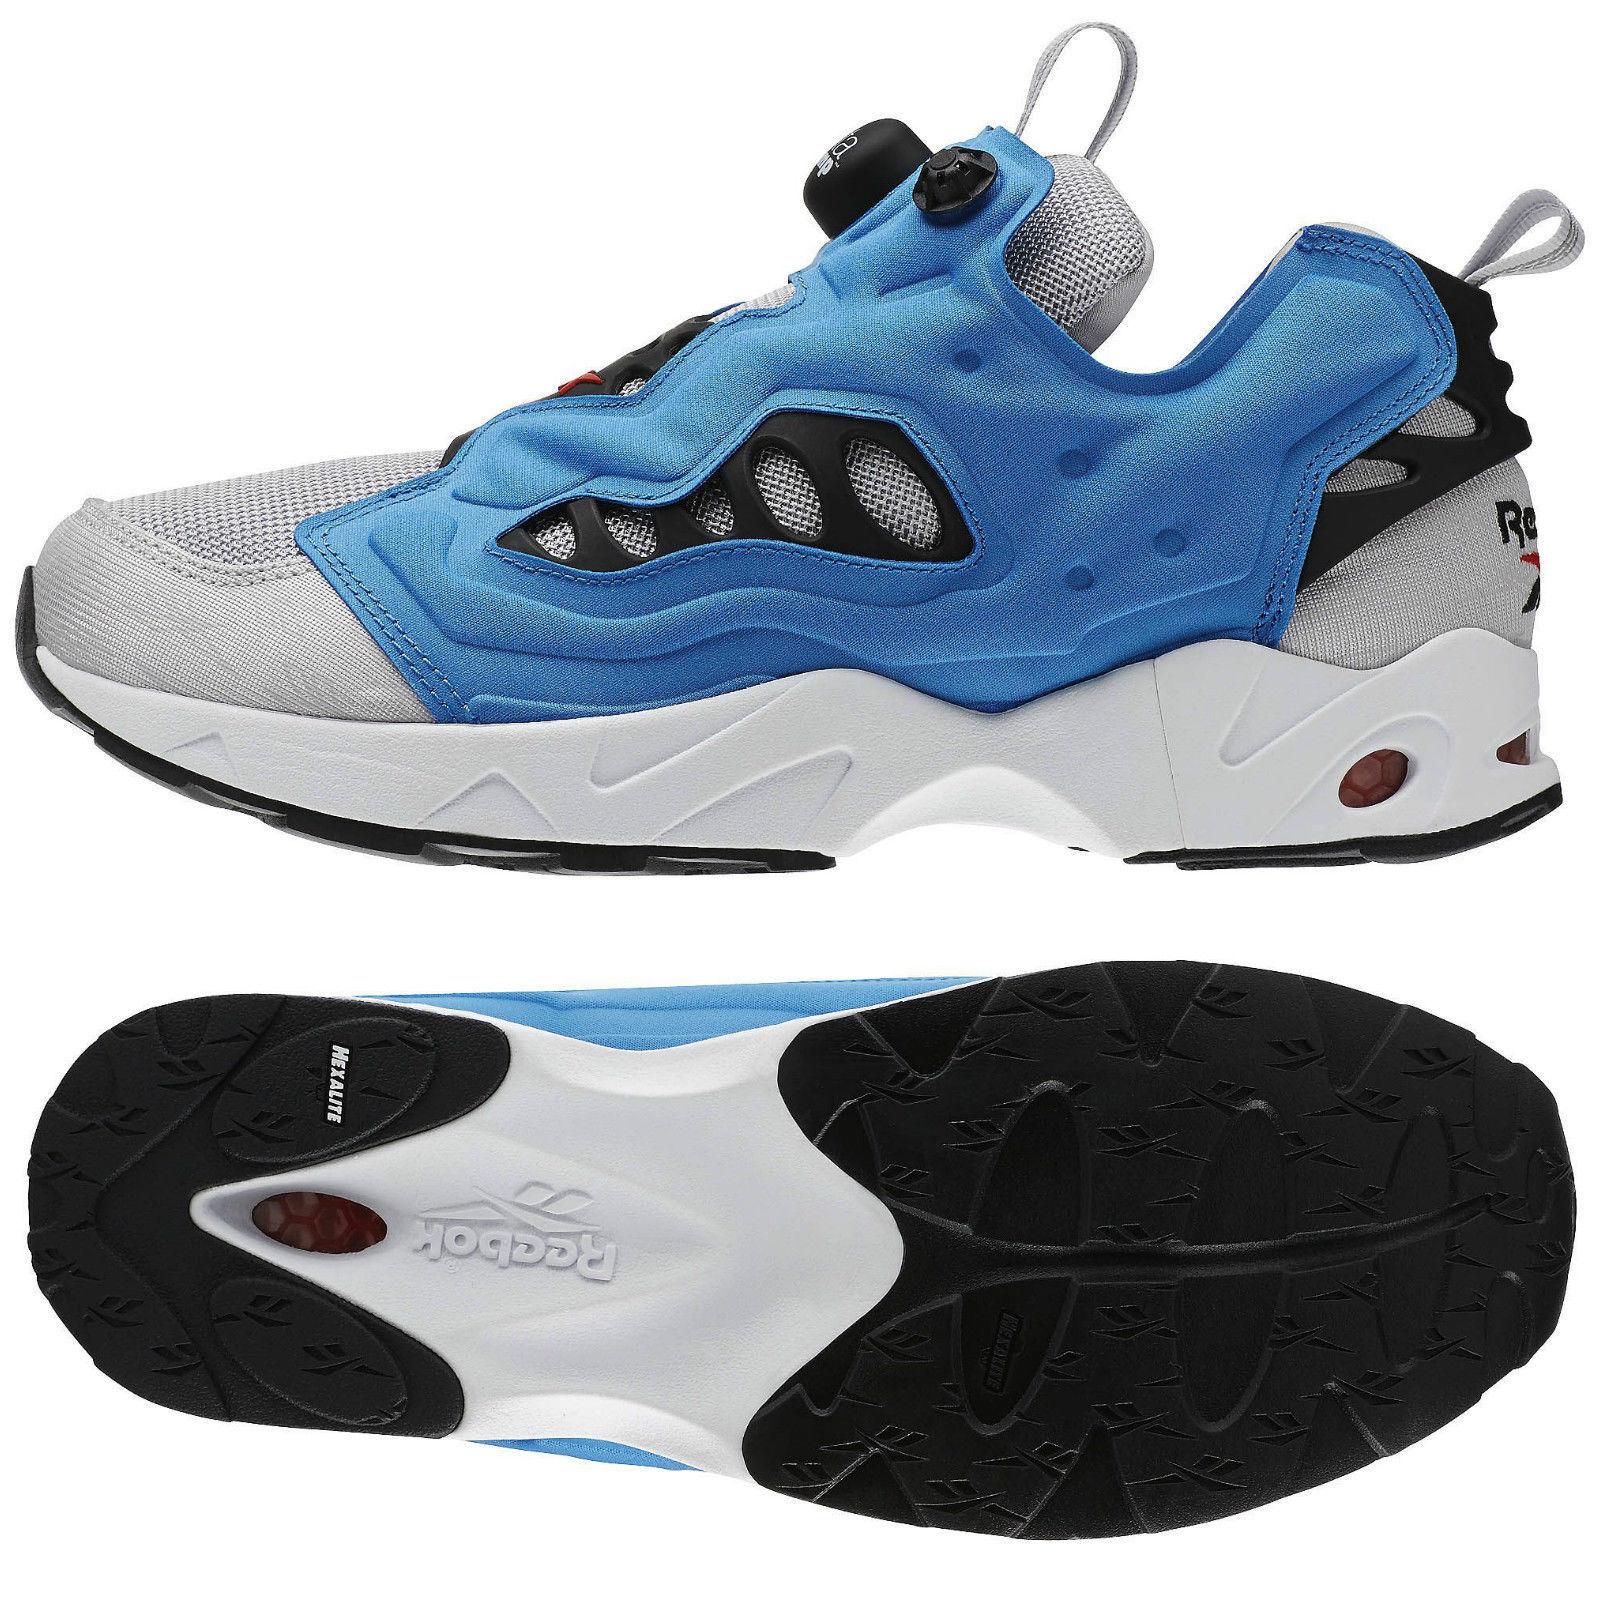 Reebok Sneaker, Insta Pump Fury Zapatos, Sneaker, Reebok LaufZapatos, V66584 844619